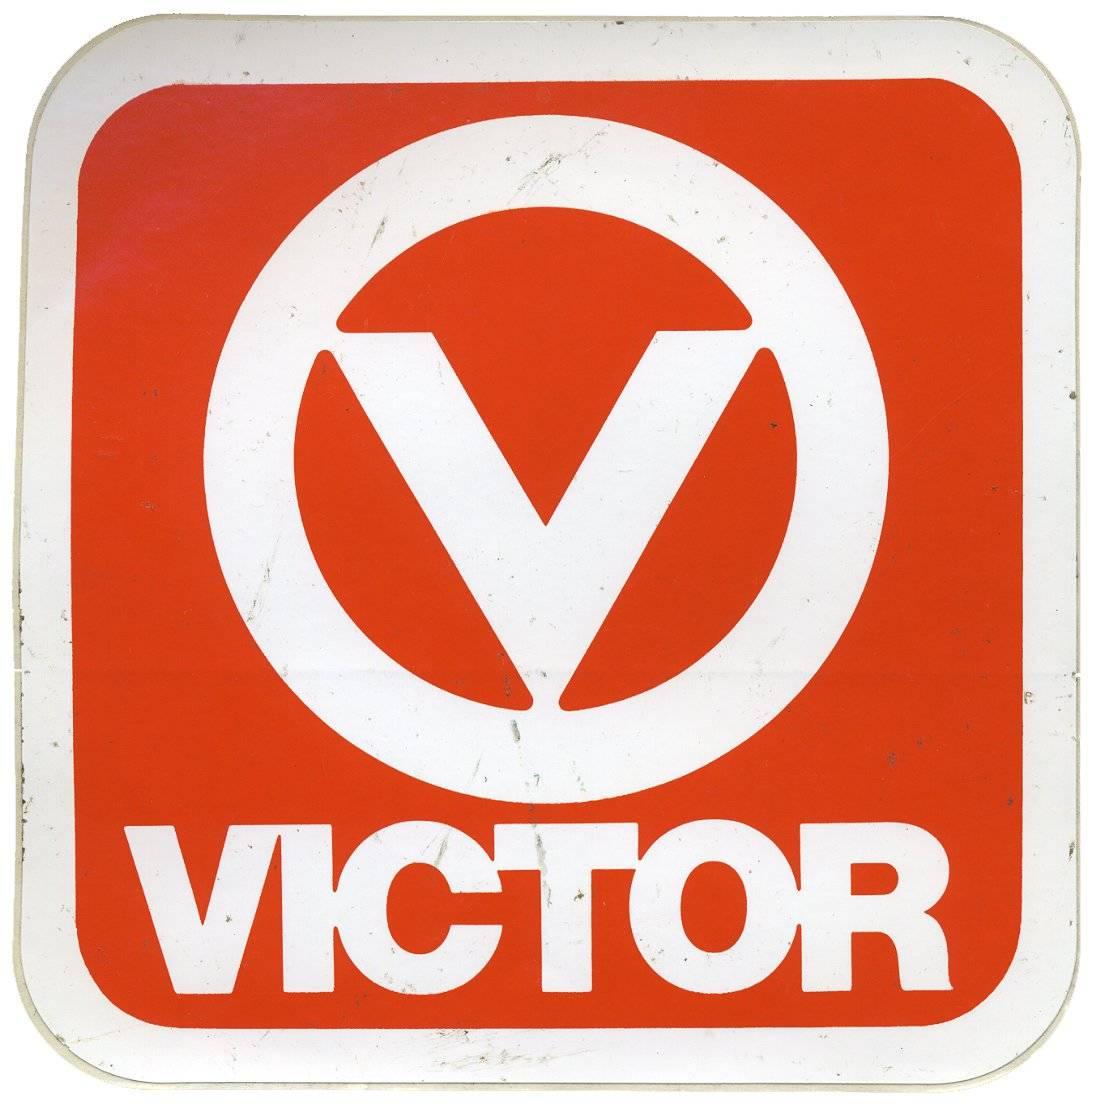 Victor Vintage Racing Decal